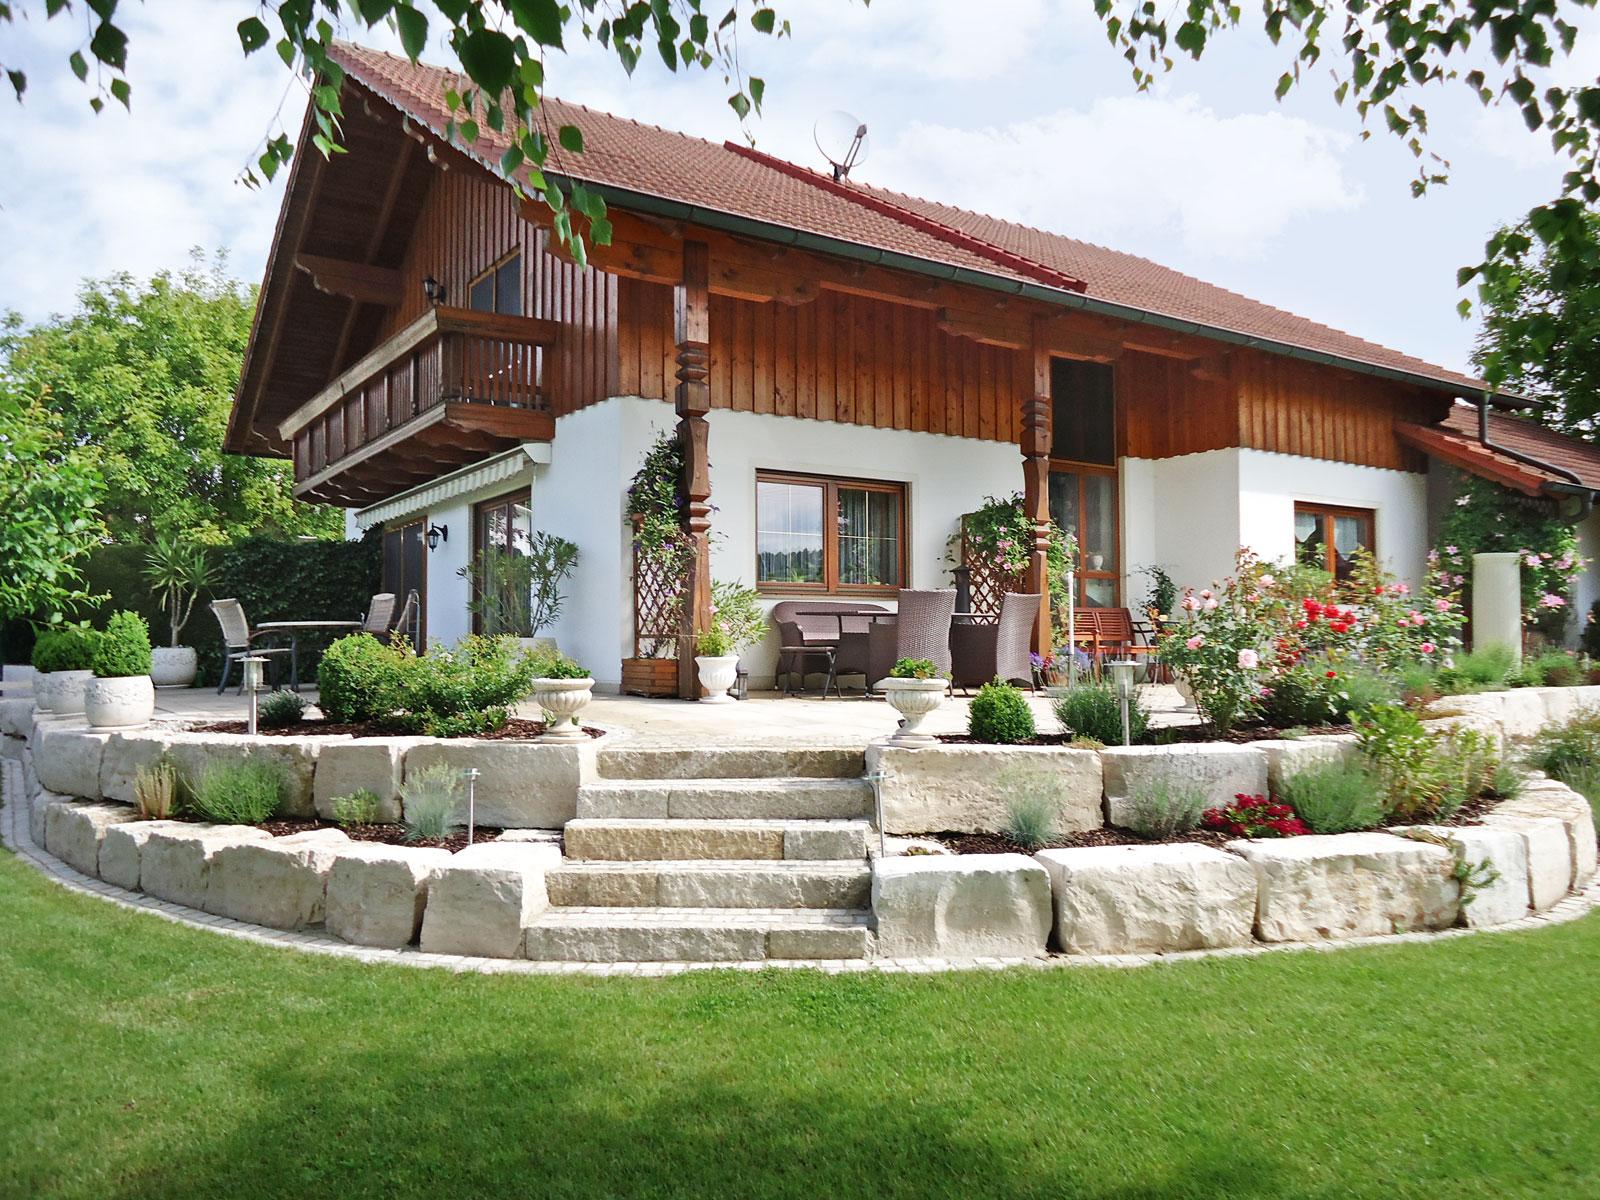 bruckmeier garten und landschaftsbau als meisterbetrieb im garten und landschaftsbau. Black Bedroom Furniture Sets. Home Design Ideas